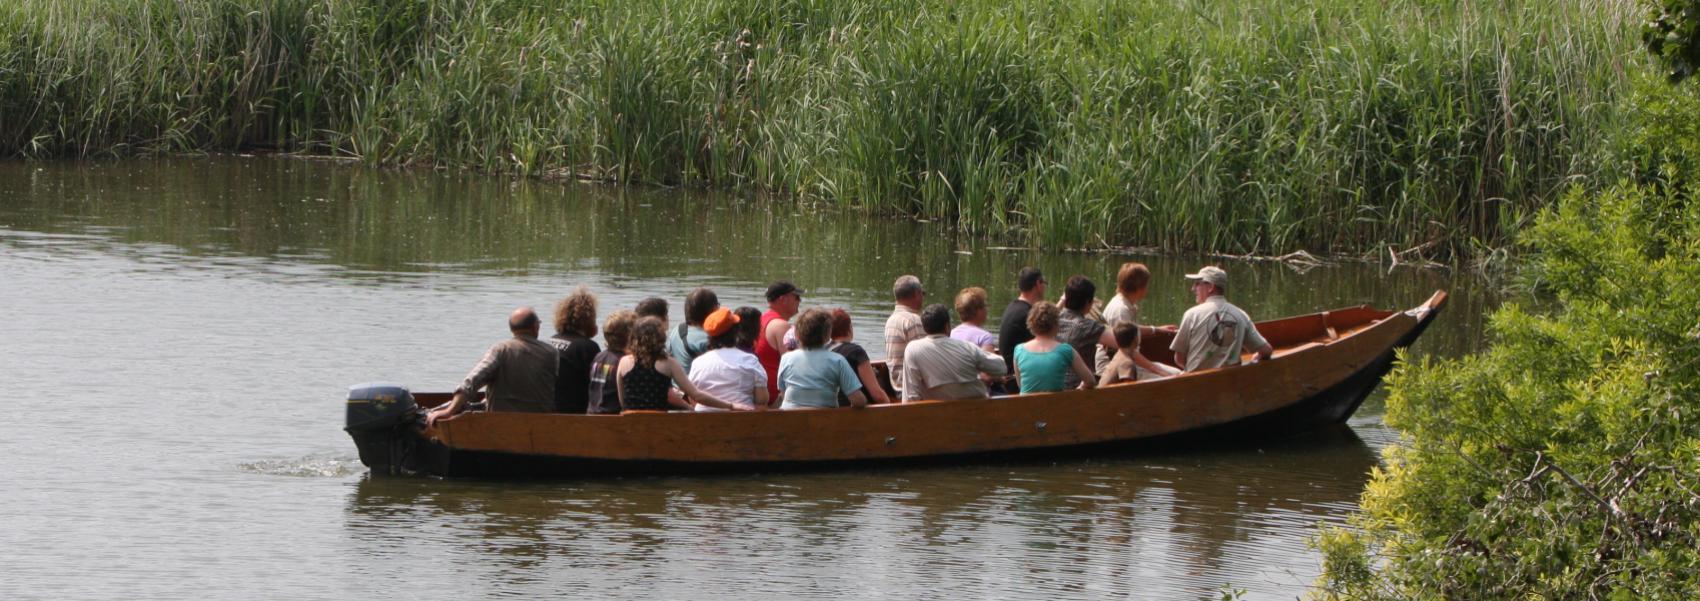 de fluisterboot